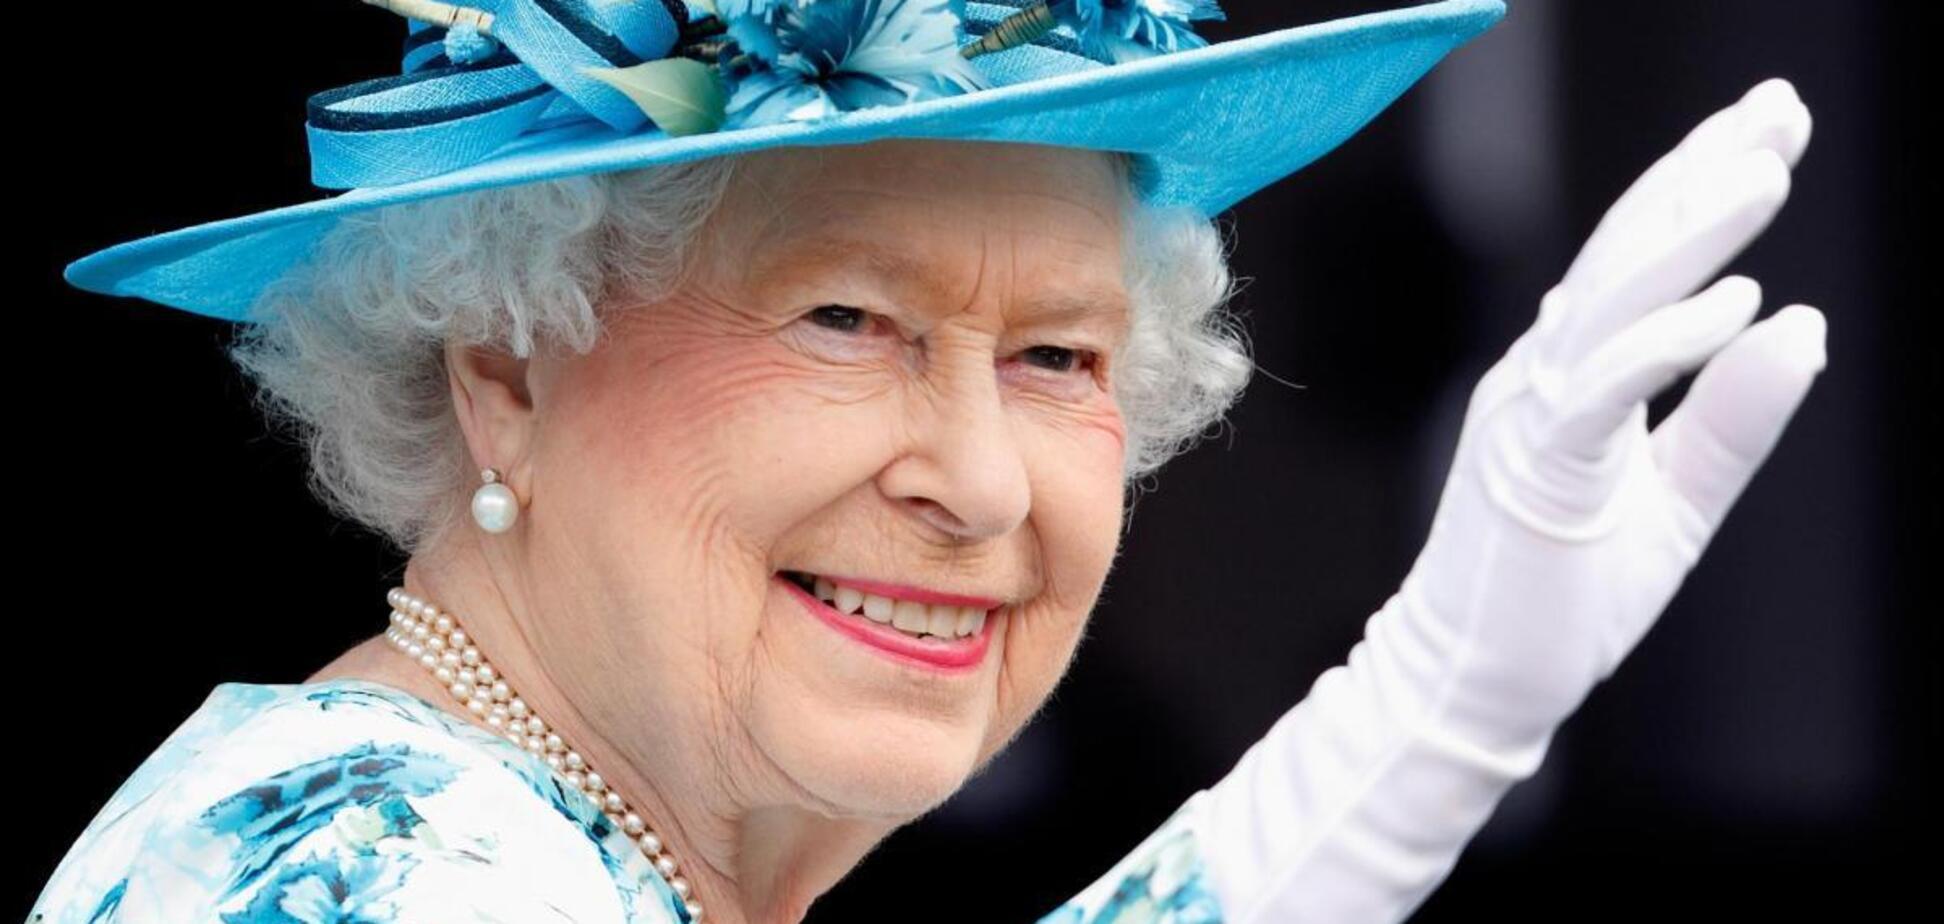 Єлизавета II проігнорувала скандал з Гаррі і Меган під час виходу на публіку